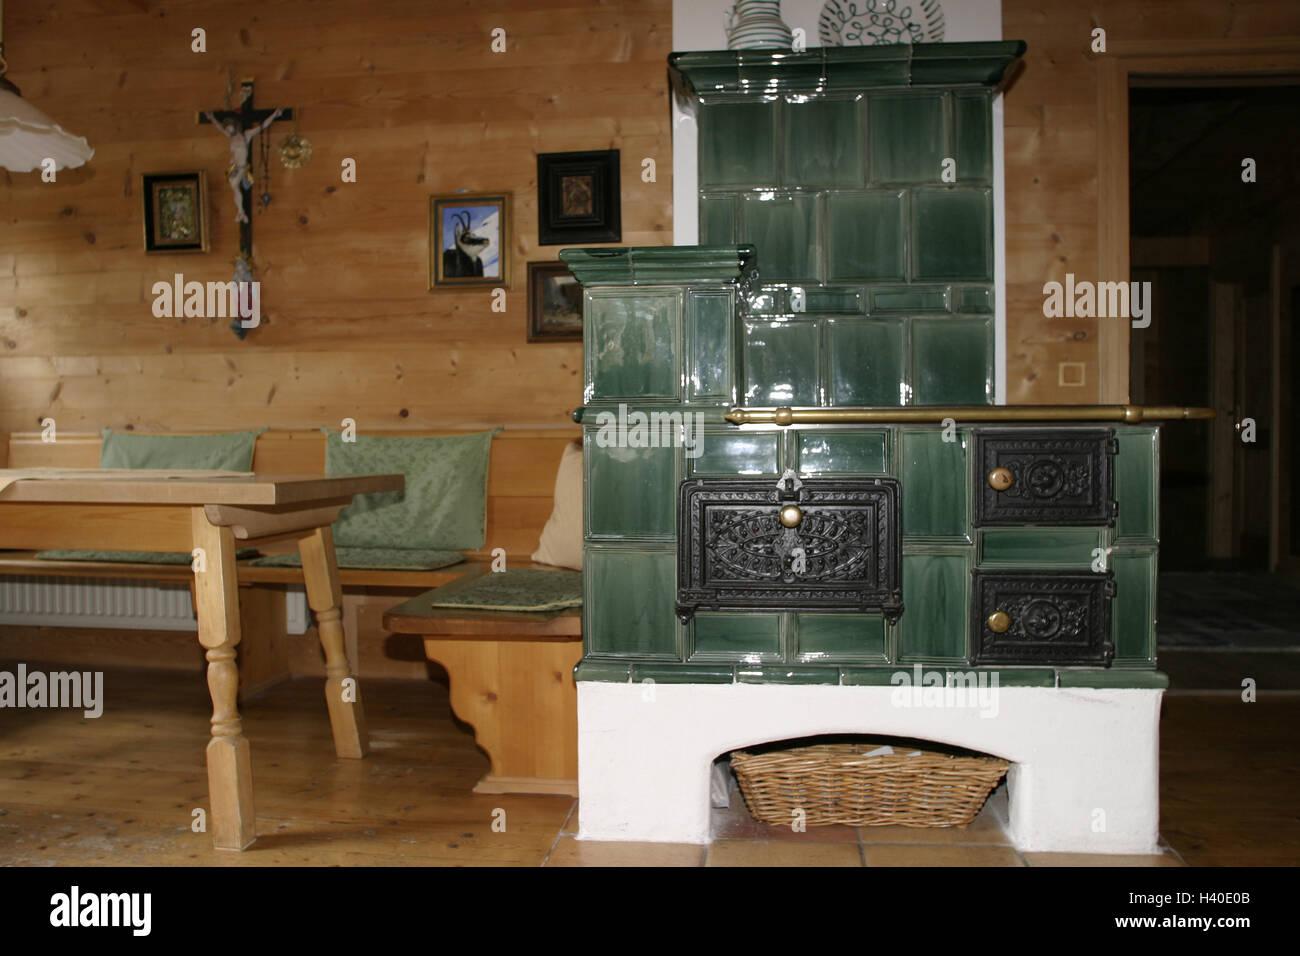 Wohnraum, Kachelofen, Zimmer, Bauernstube, Küche, Wohnraum ...